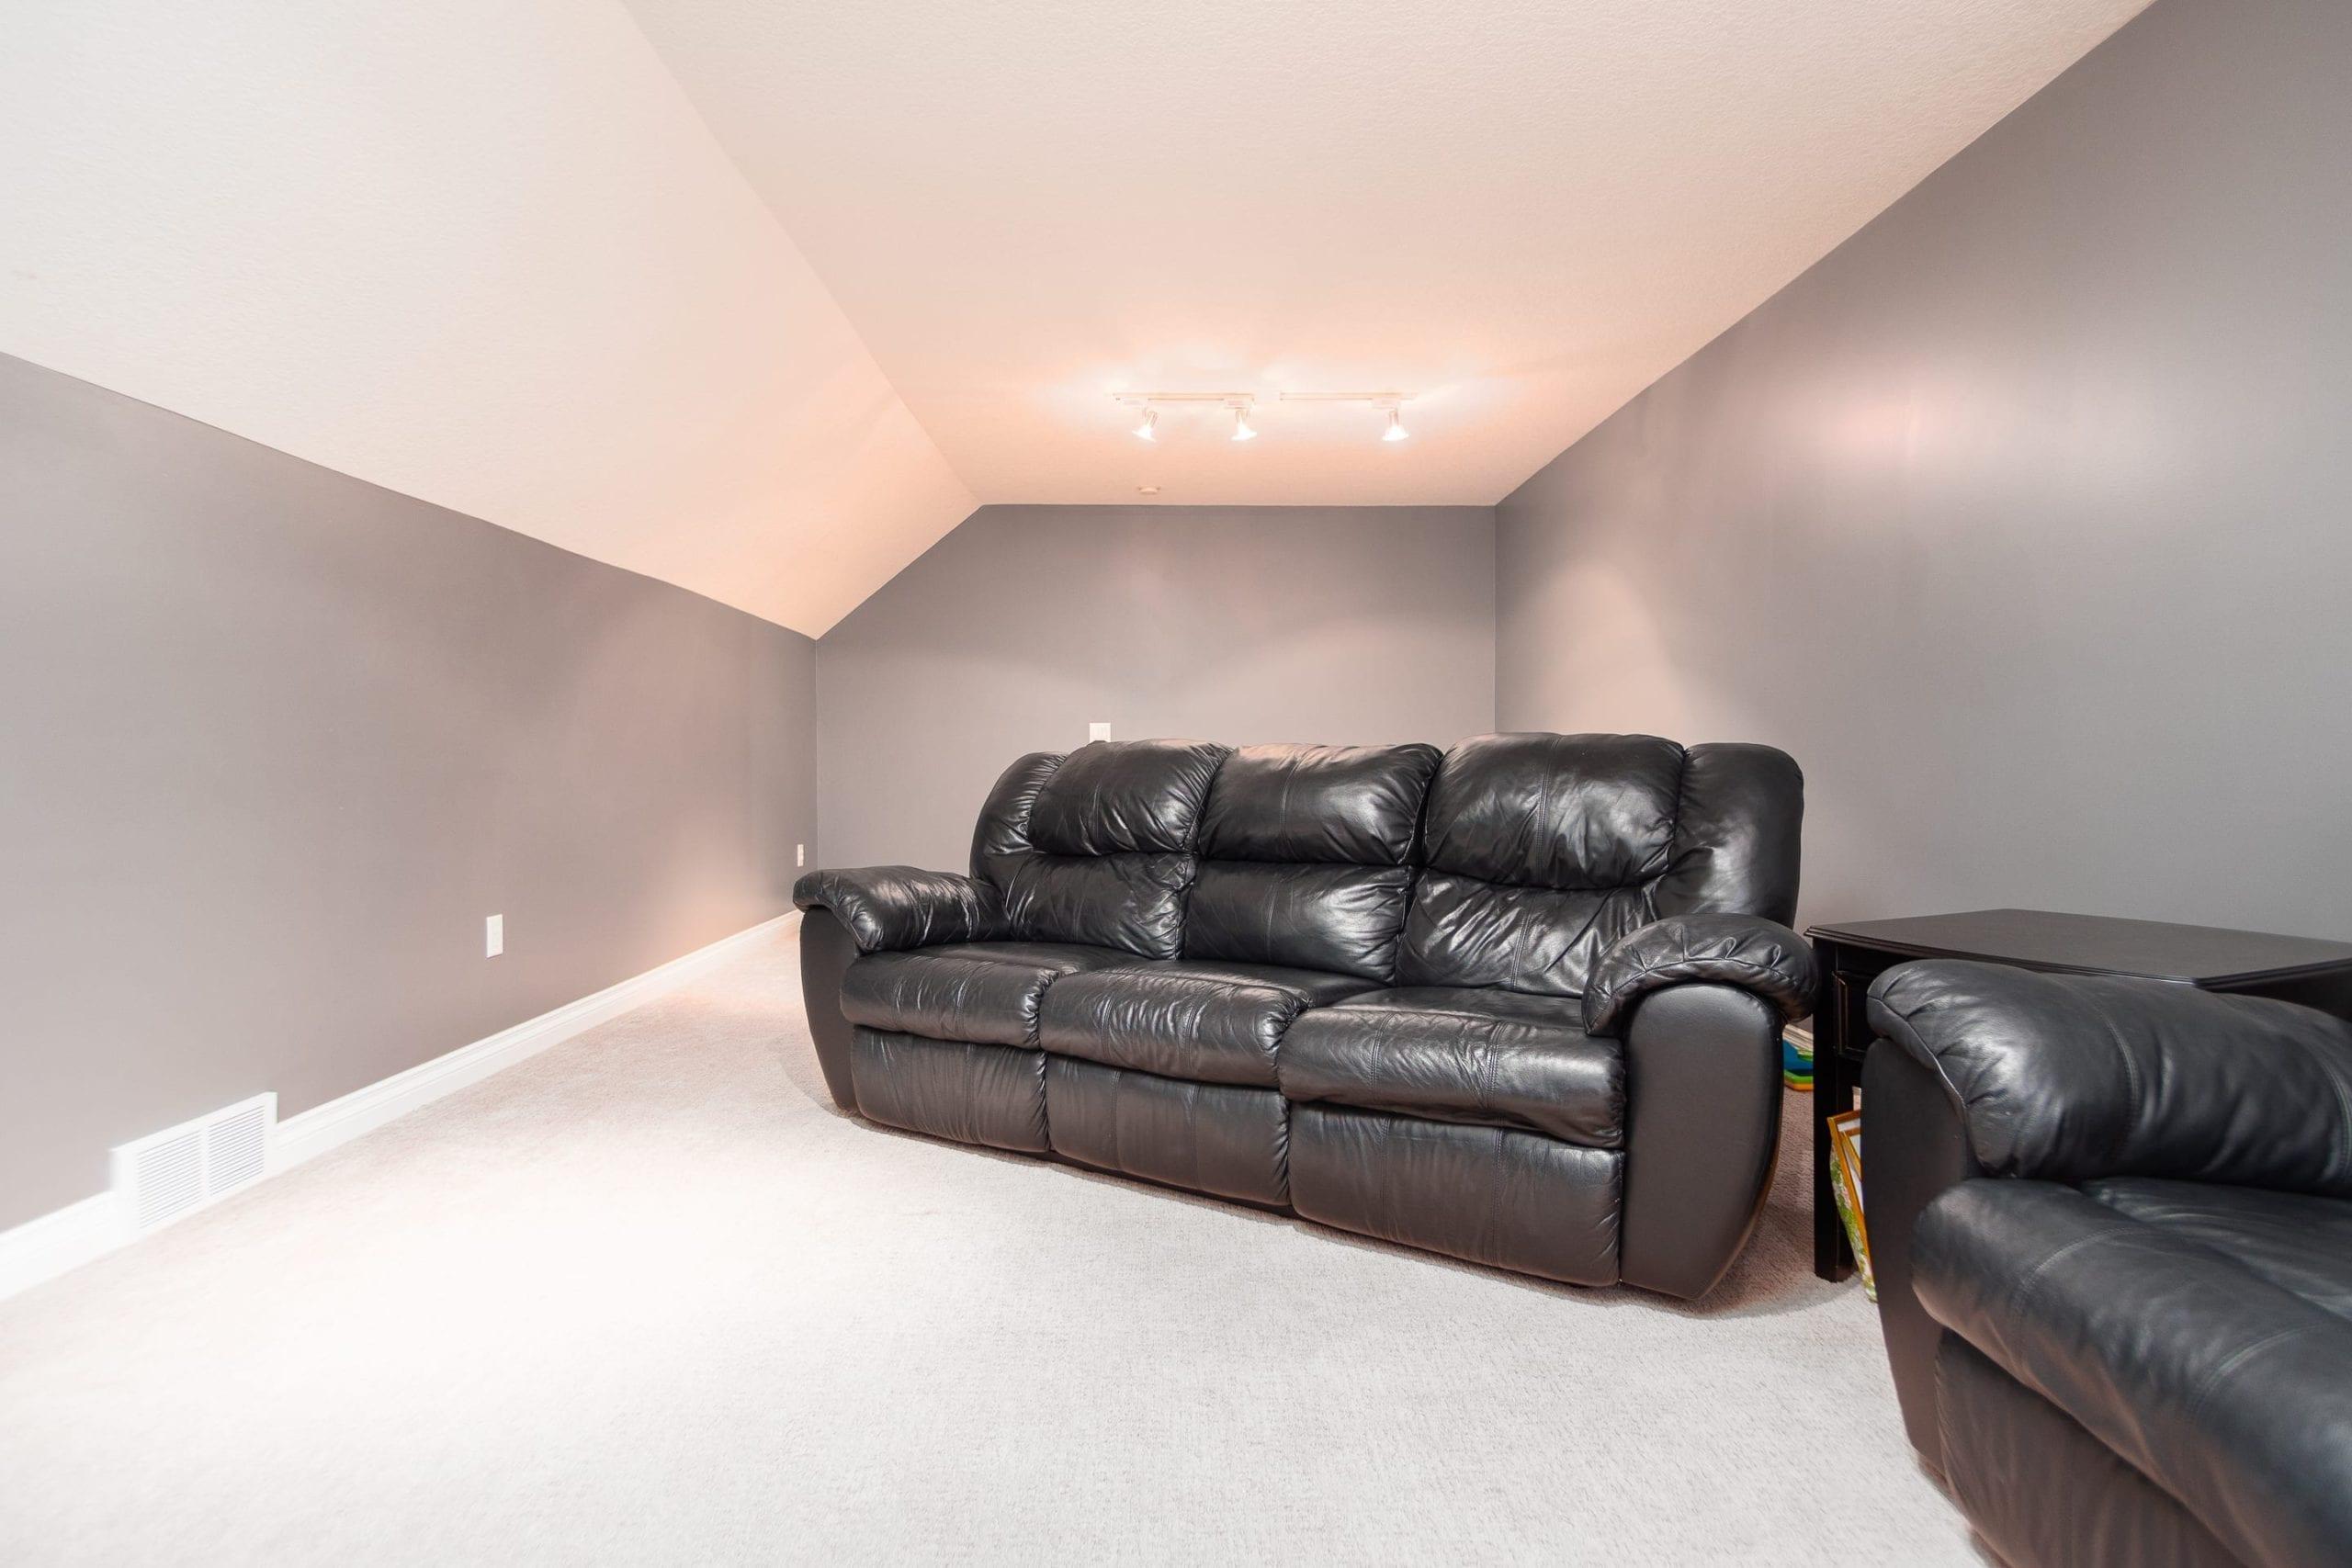 Hello Gorgeous - 243 Stage Coach Lane, Rockyview County AB - Tara Molina Real Estate (45 of 59)